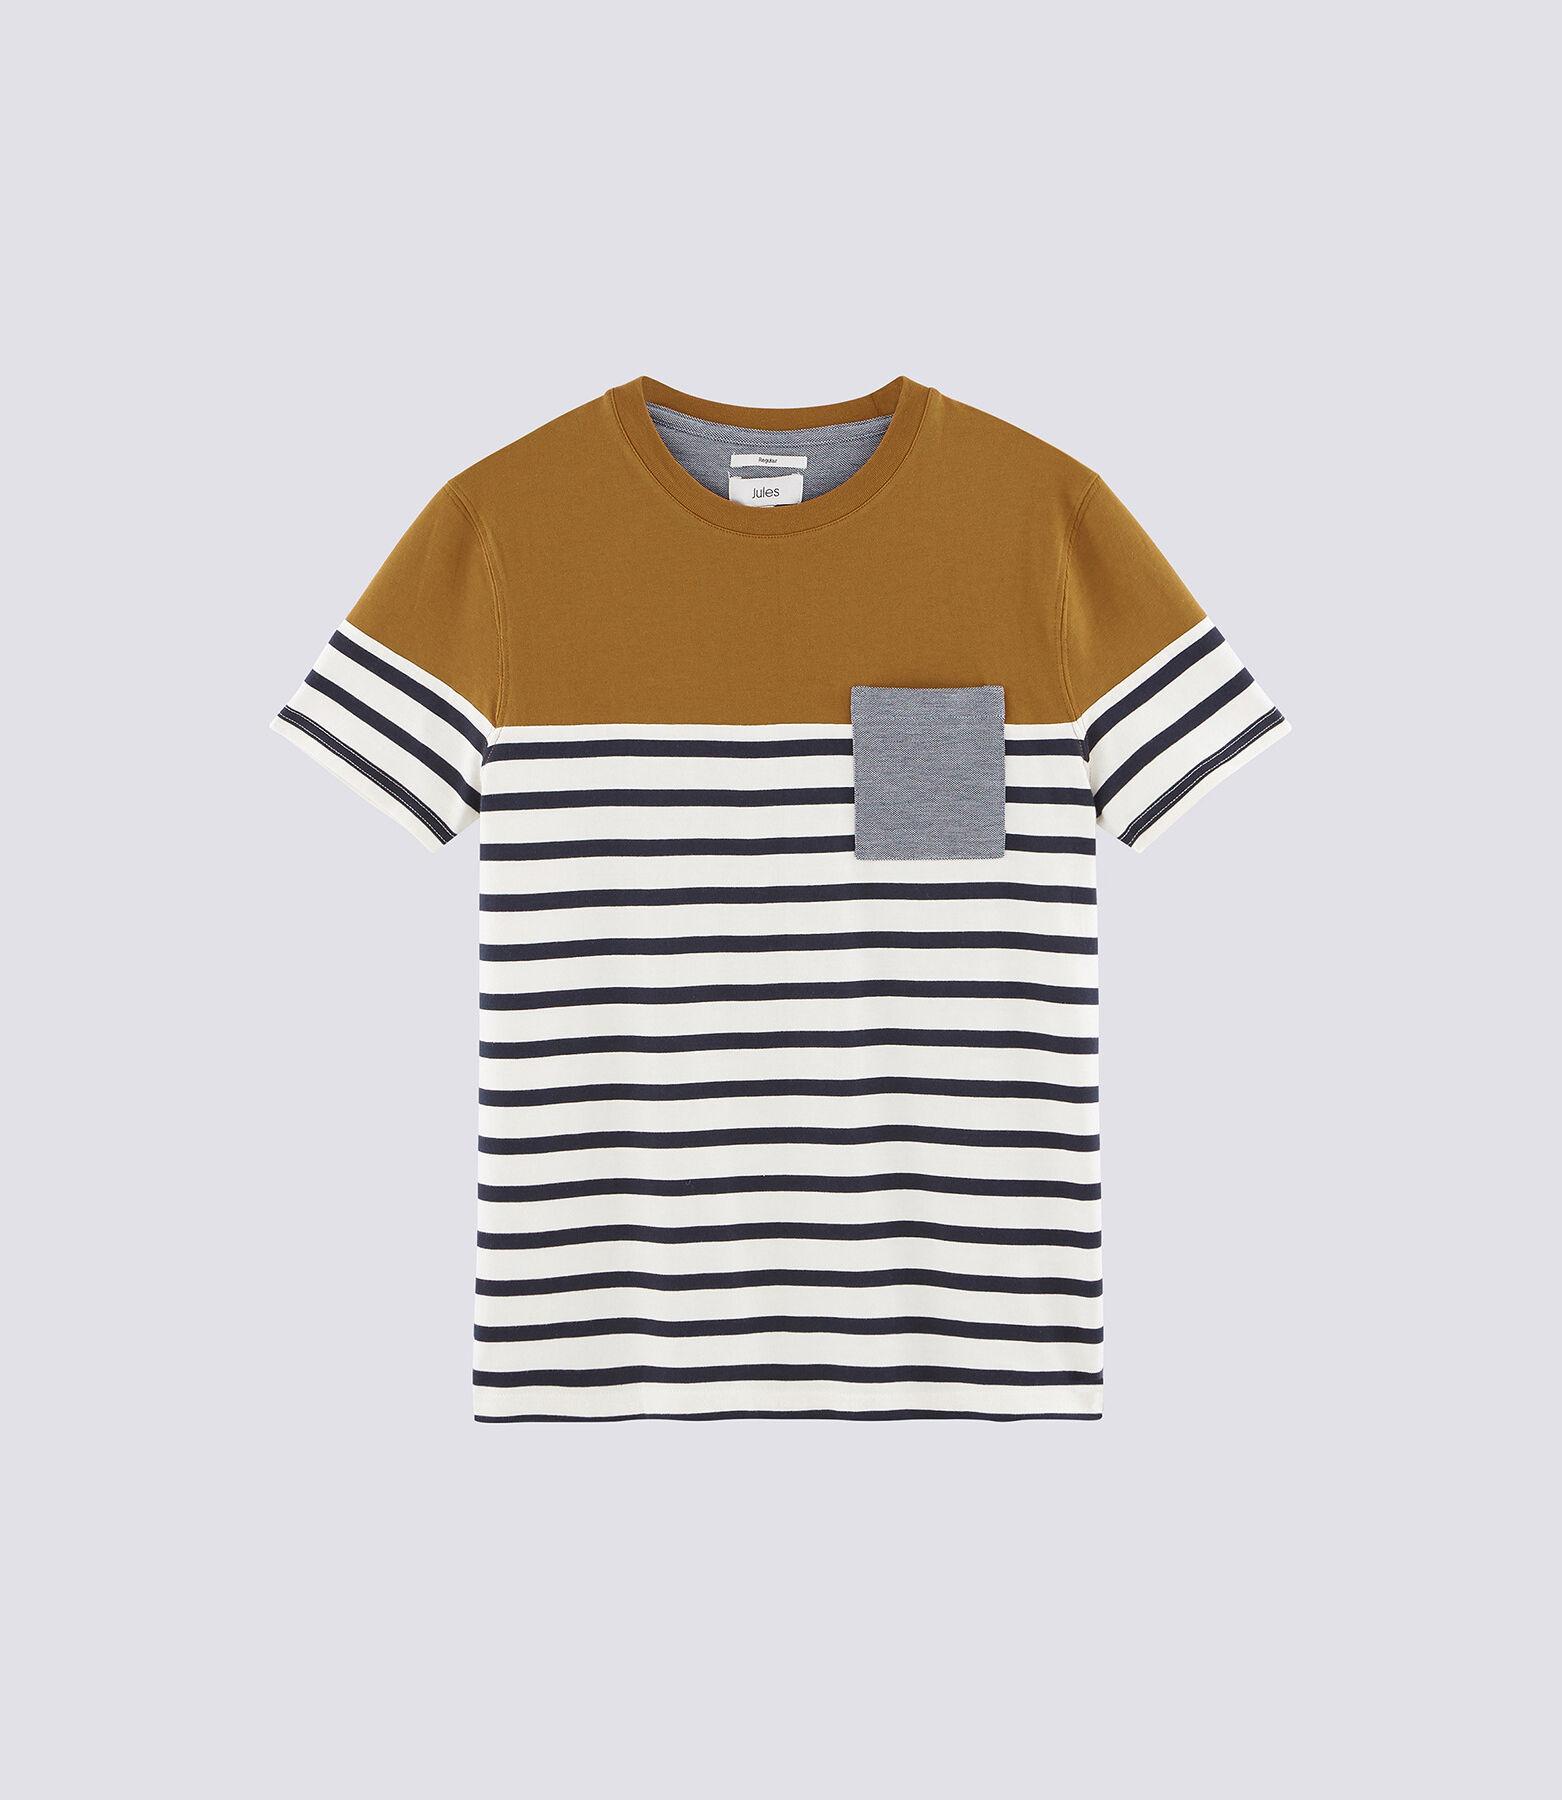 Tee-shirt marinière colorblock avec poche